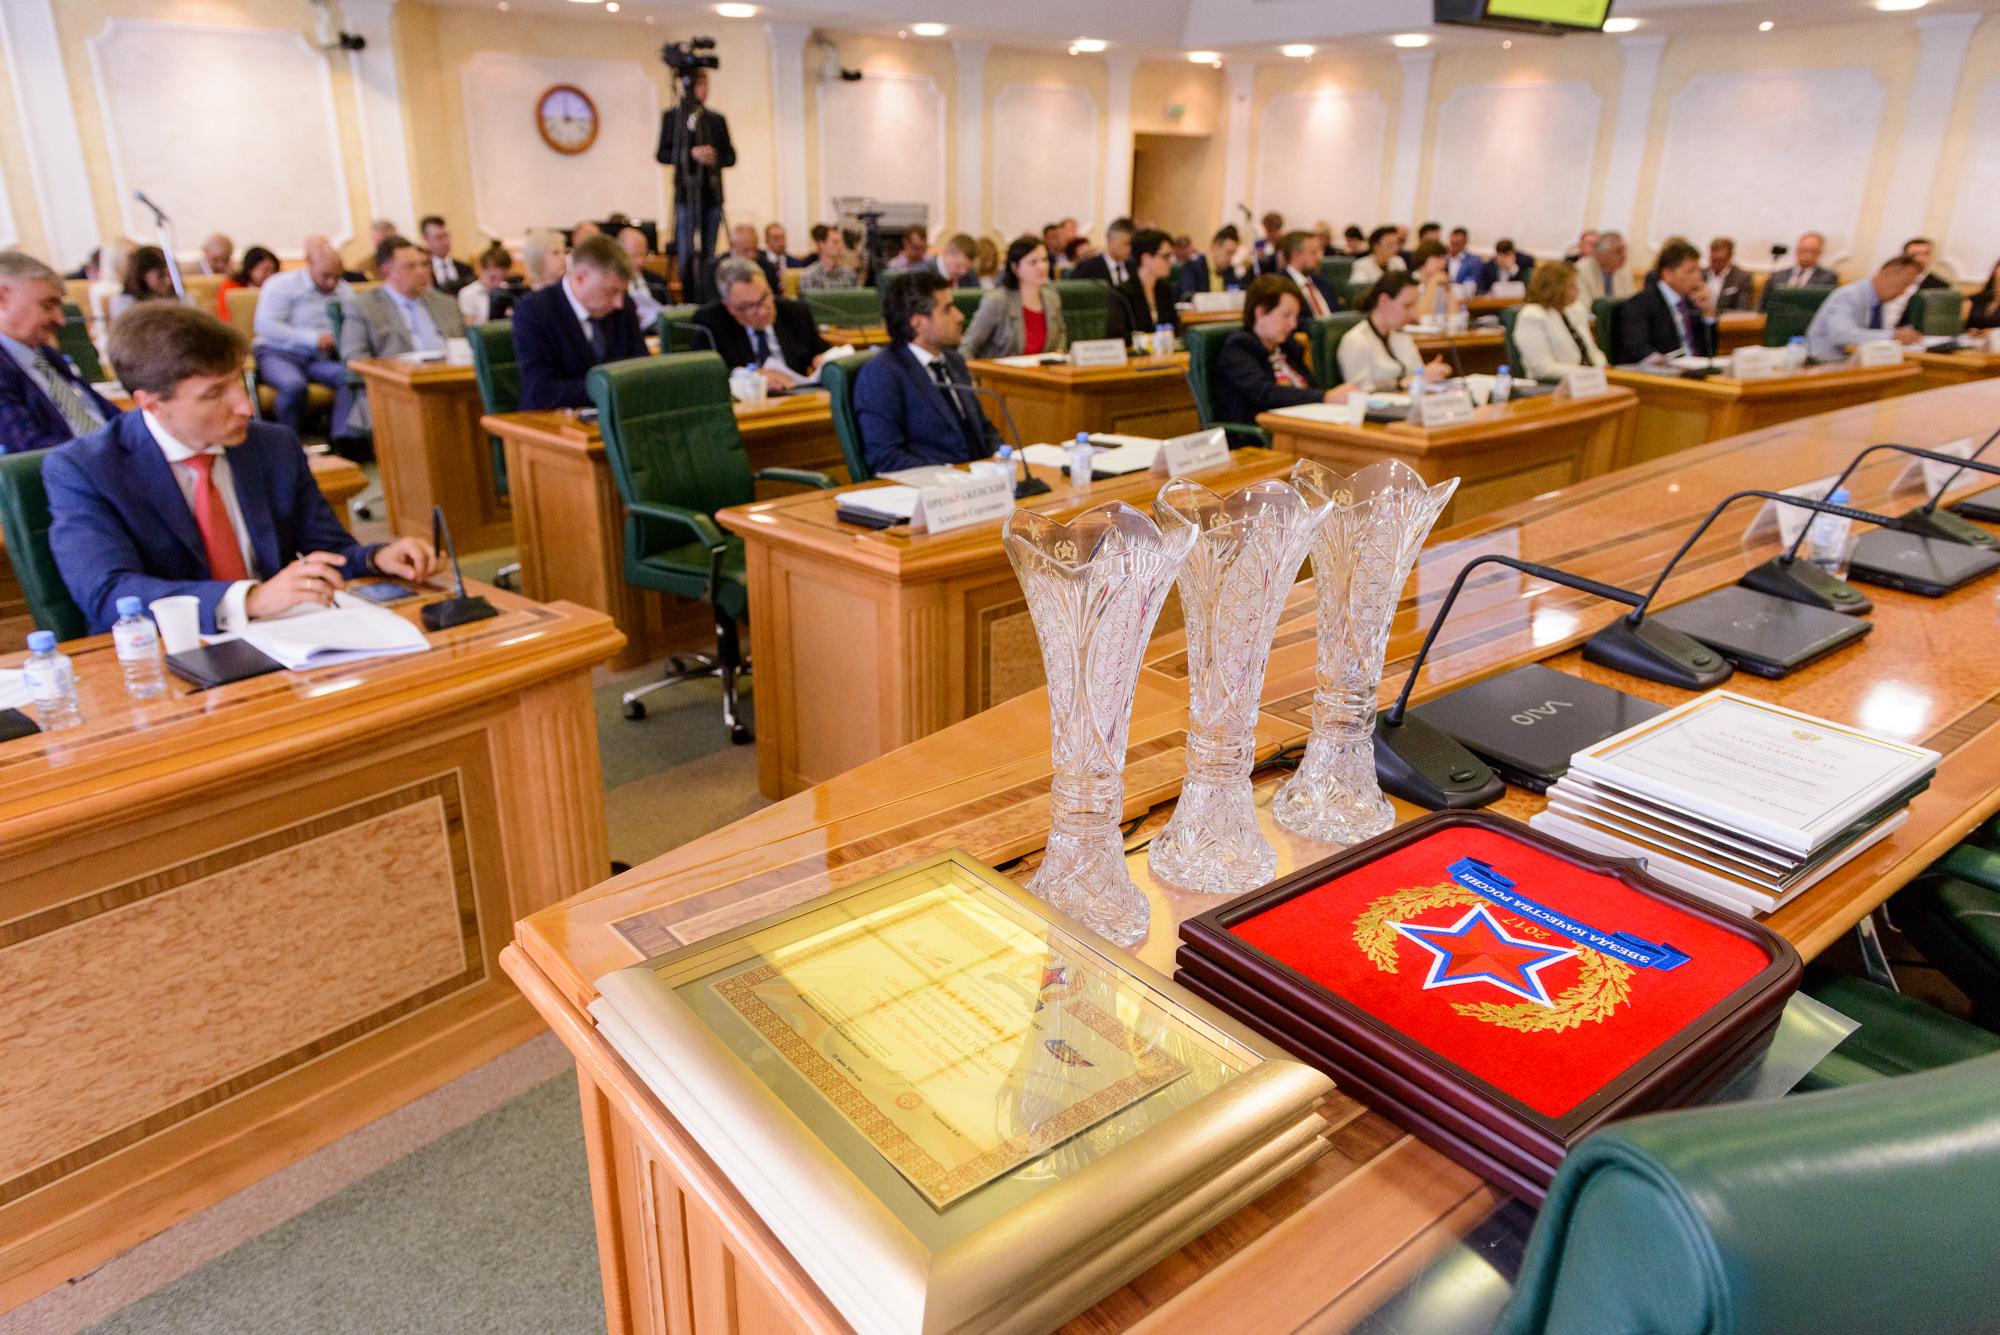 Меры защиты потребителей предложили в Совете Федерации